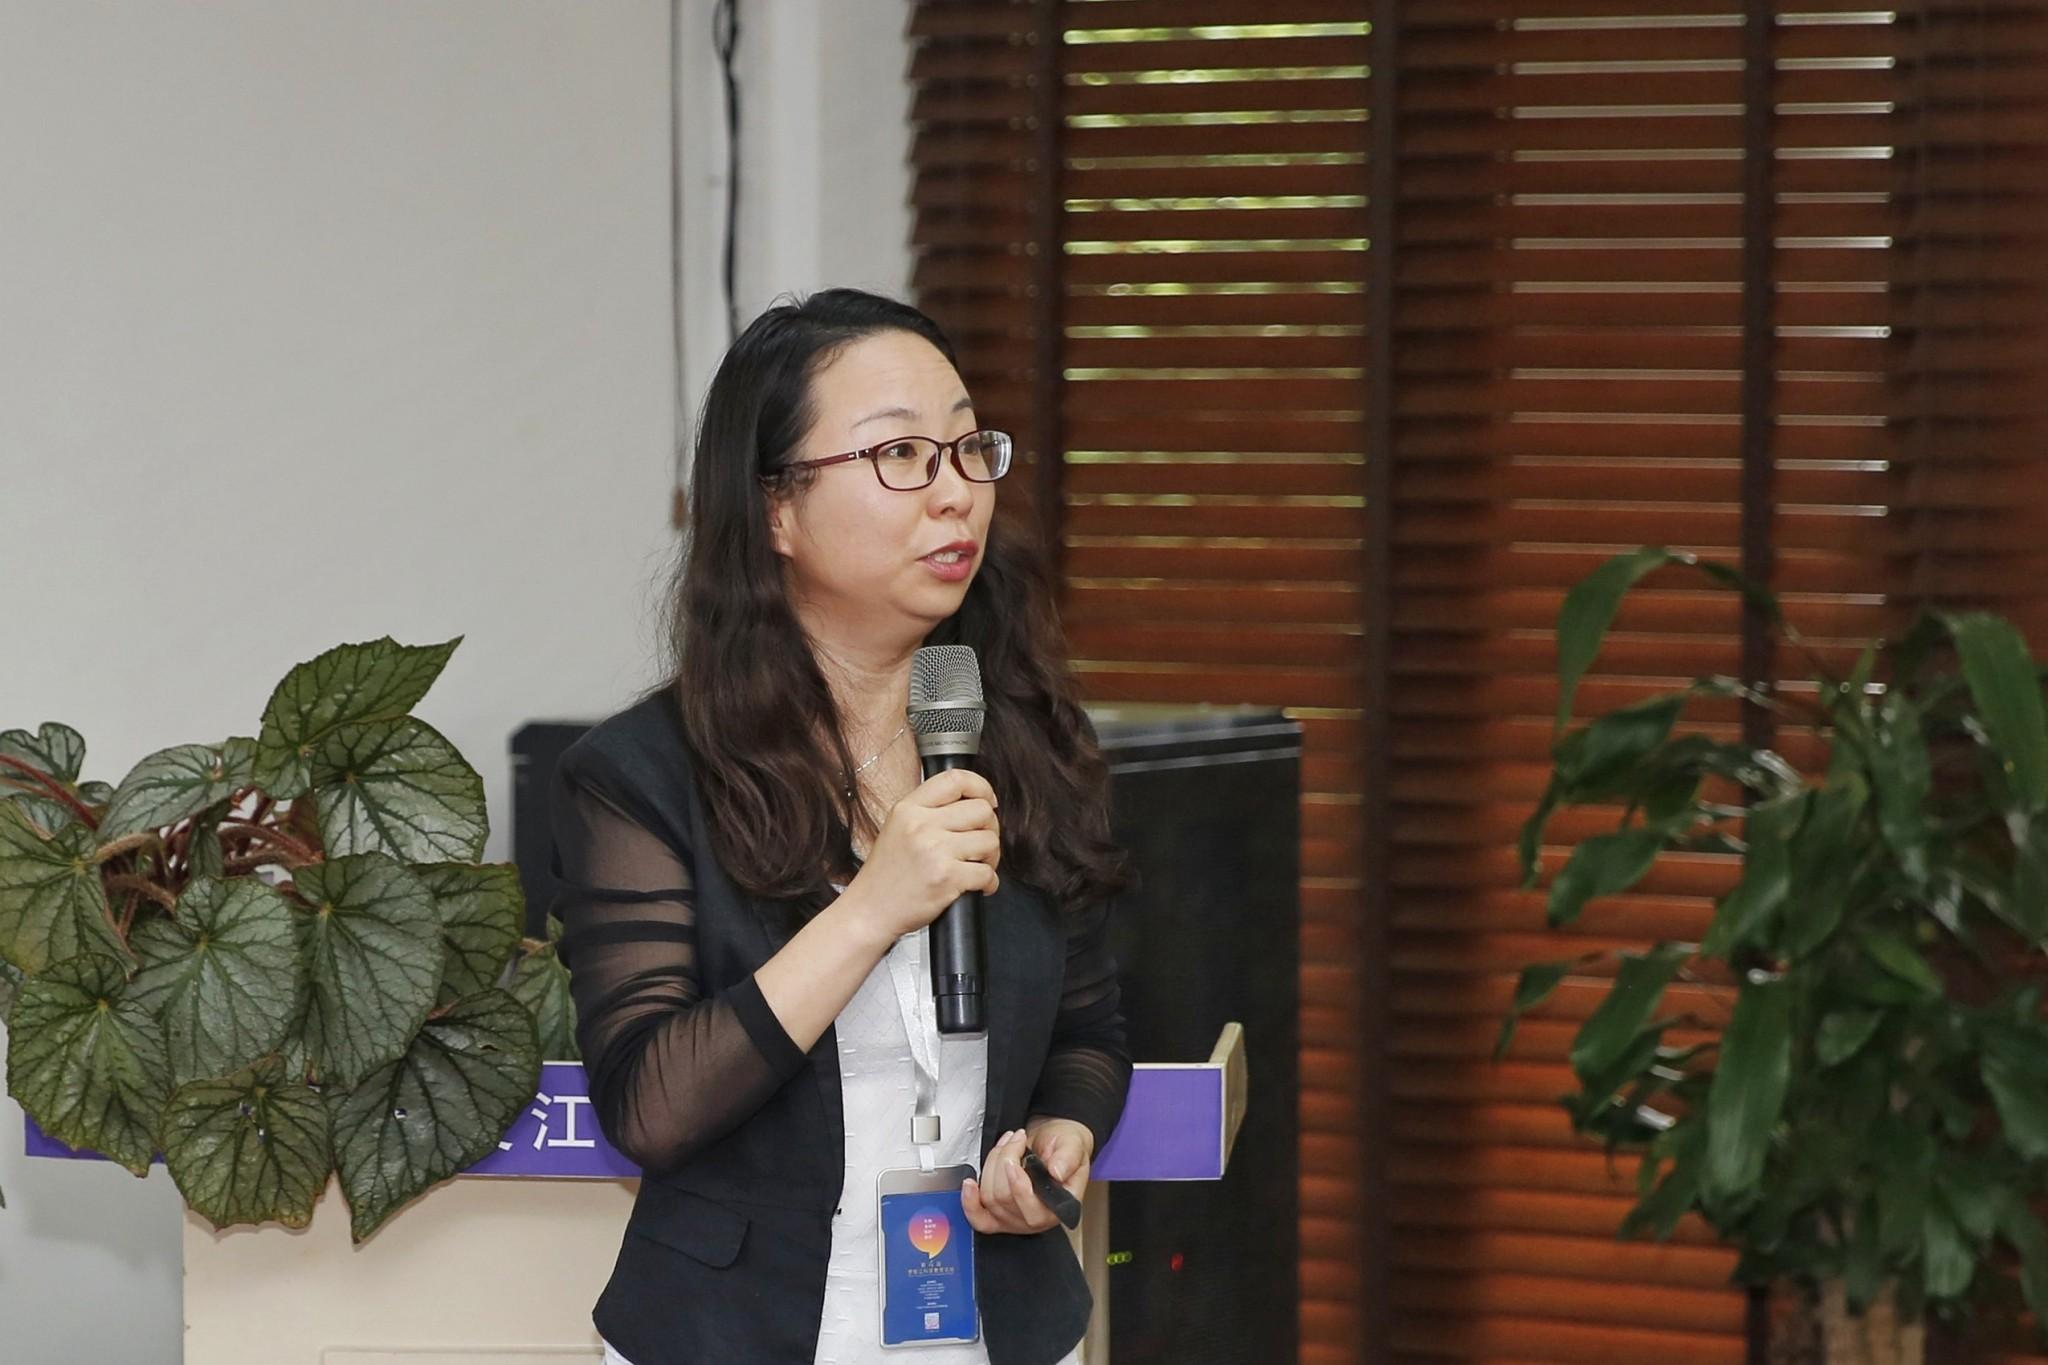 【专题报告】北京林业大学  韩静华:新媒体环境下的植物科普作品设计